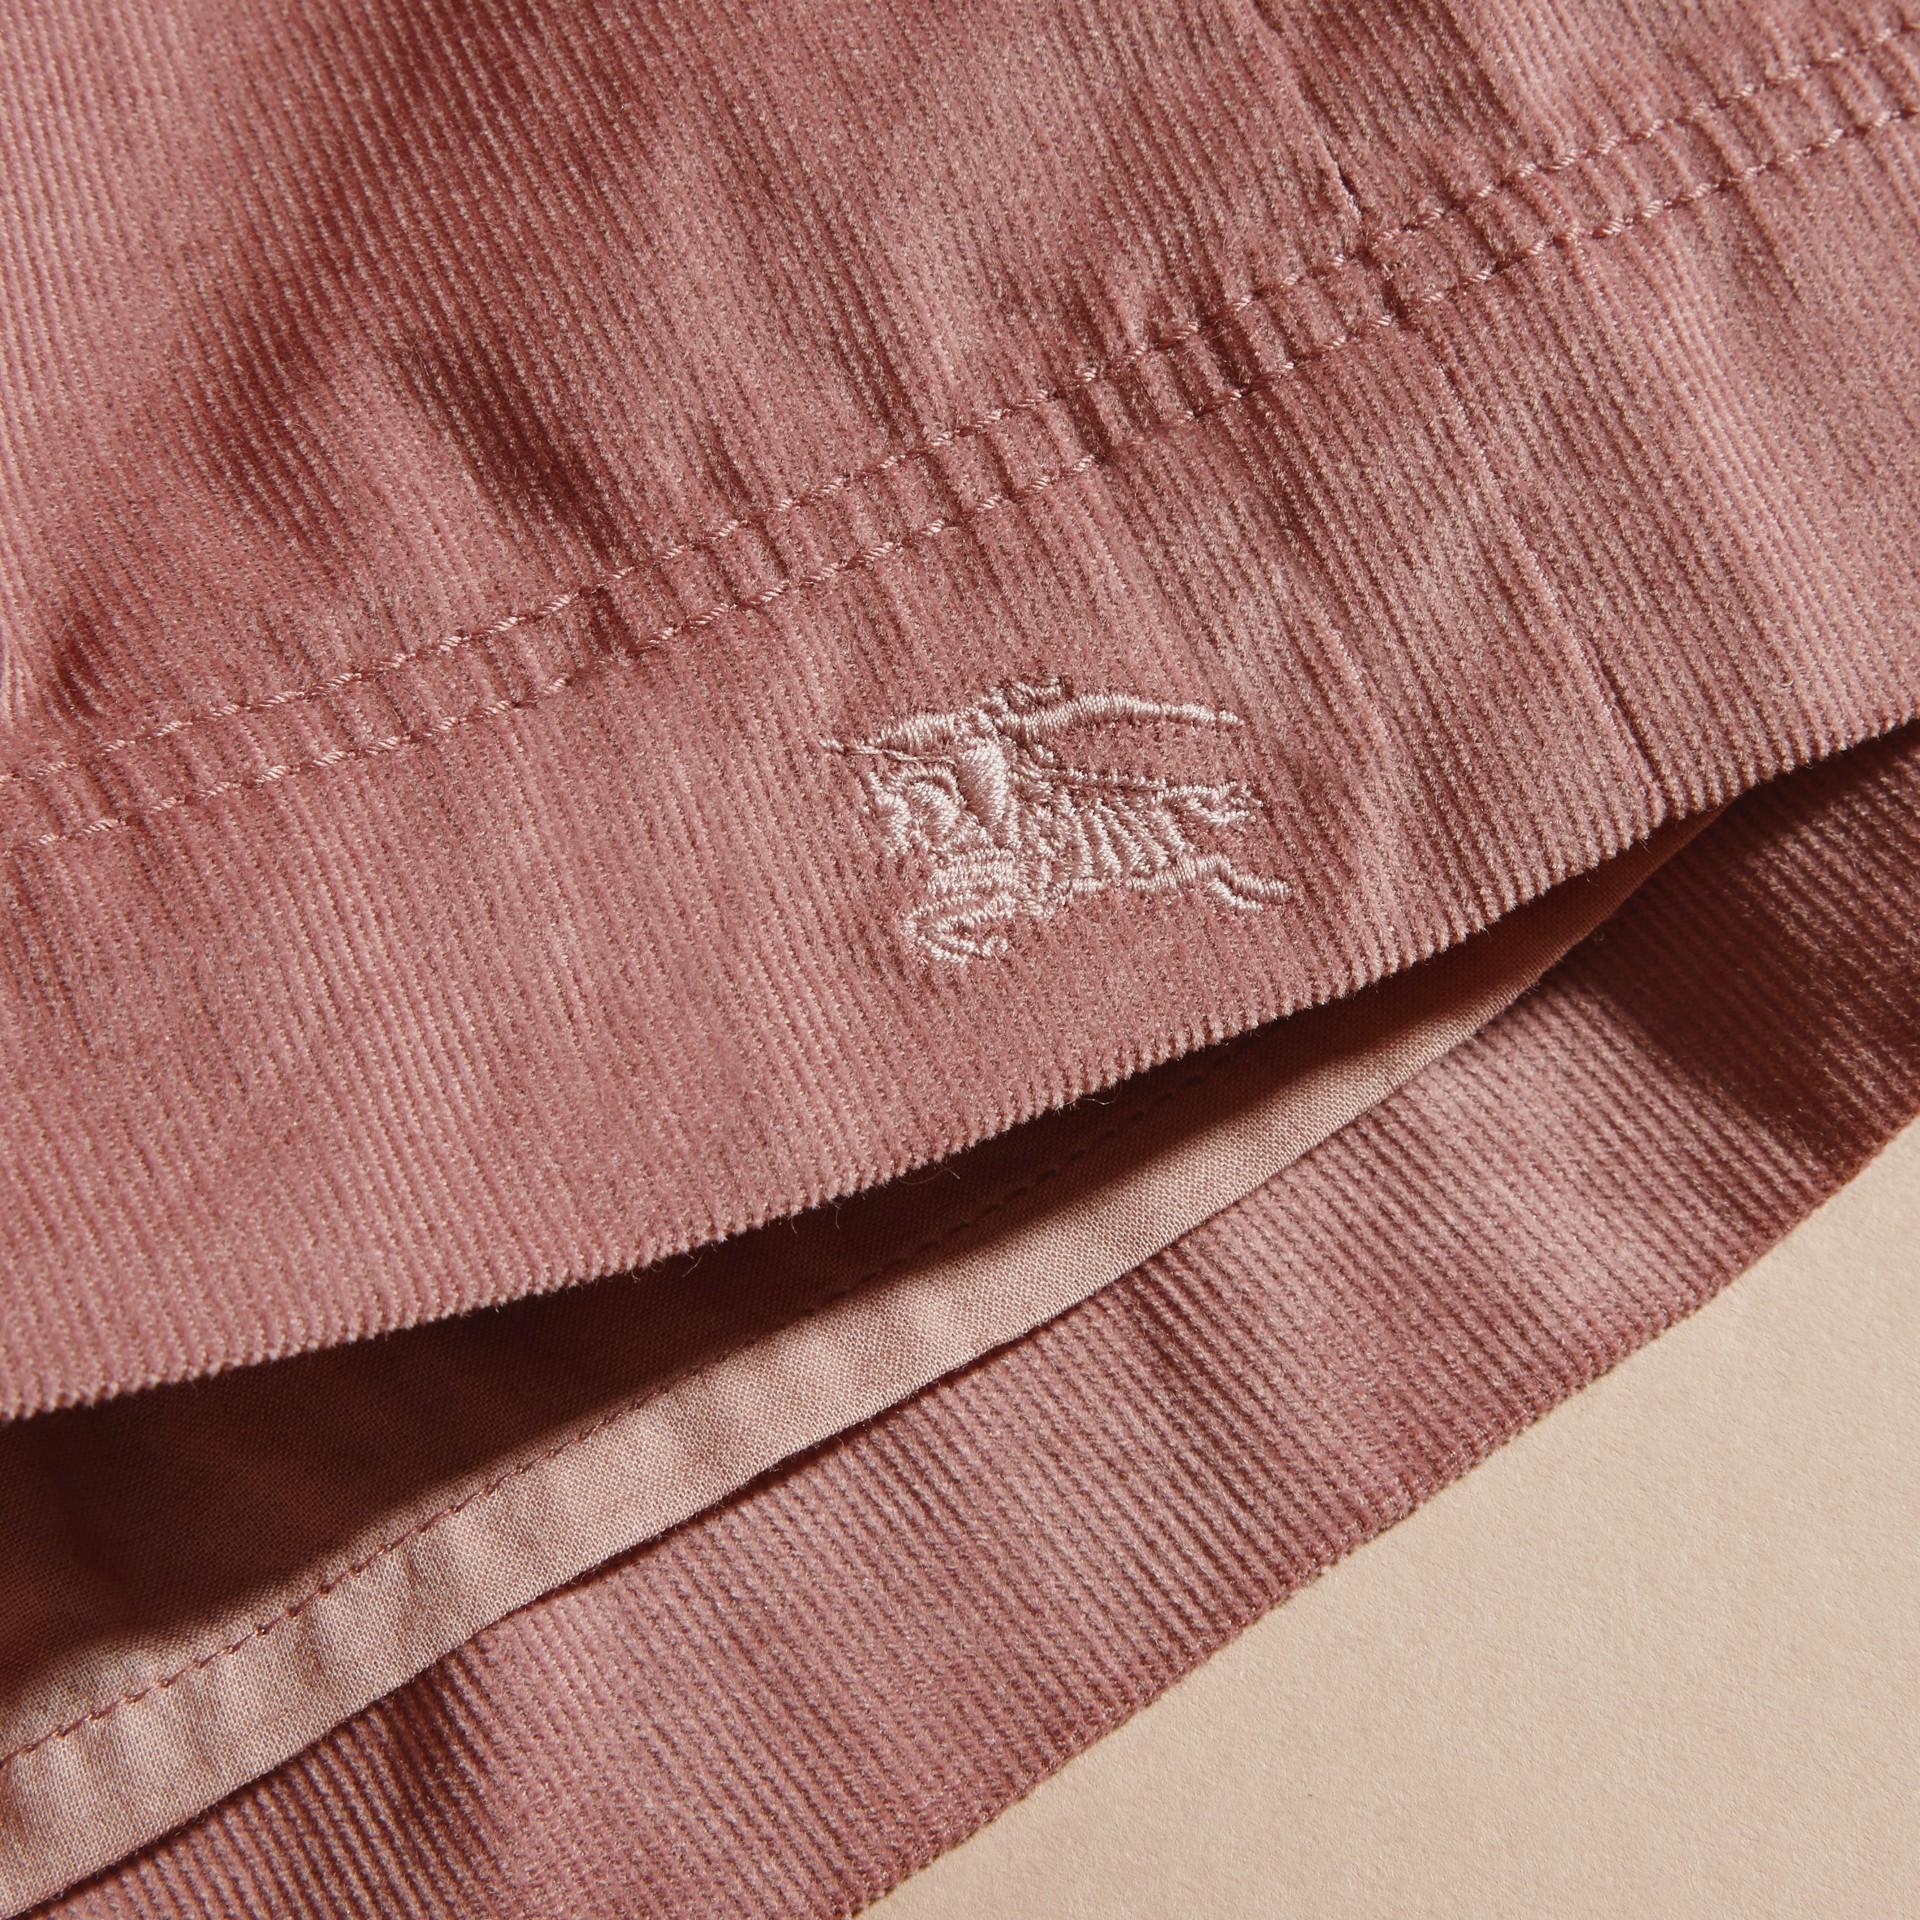 Rose cendré pâle Robe chemise en coton côtelé Rose Cendré Pâle - photo de la galerie 2